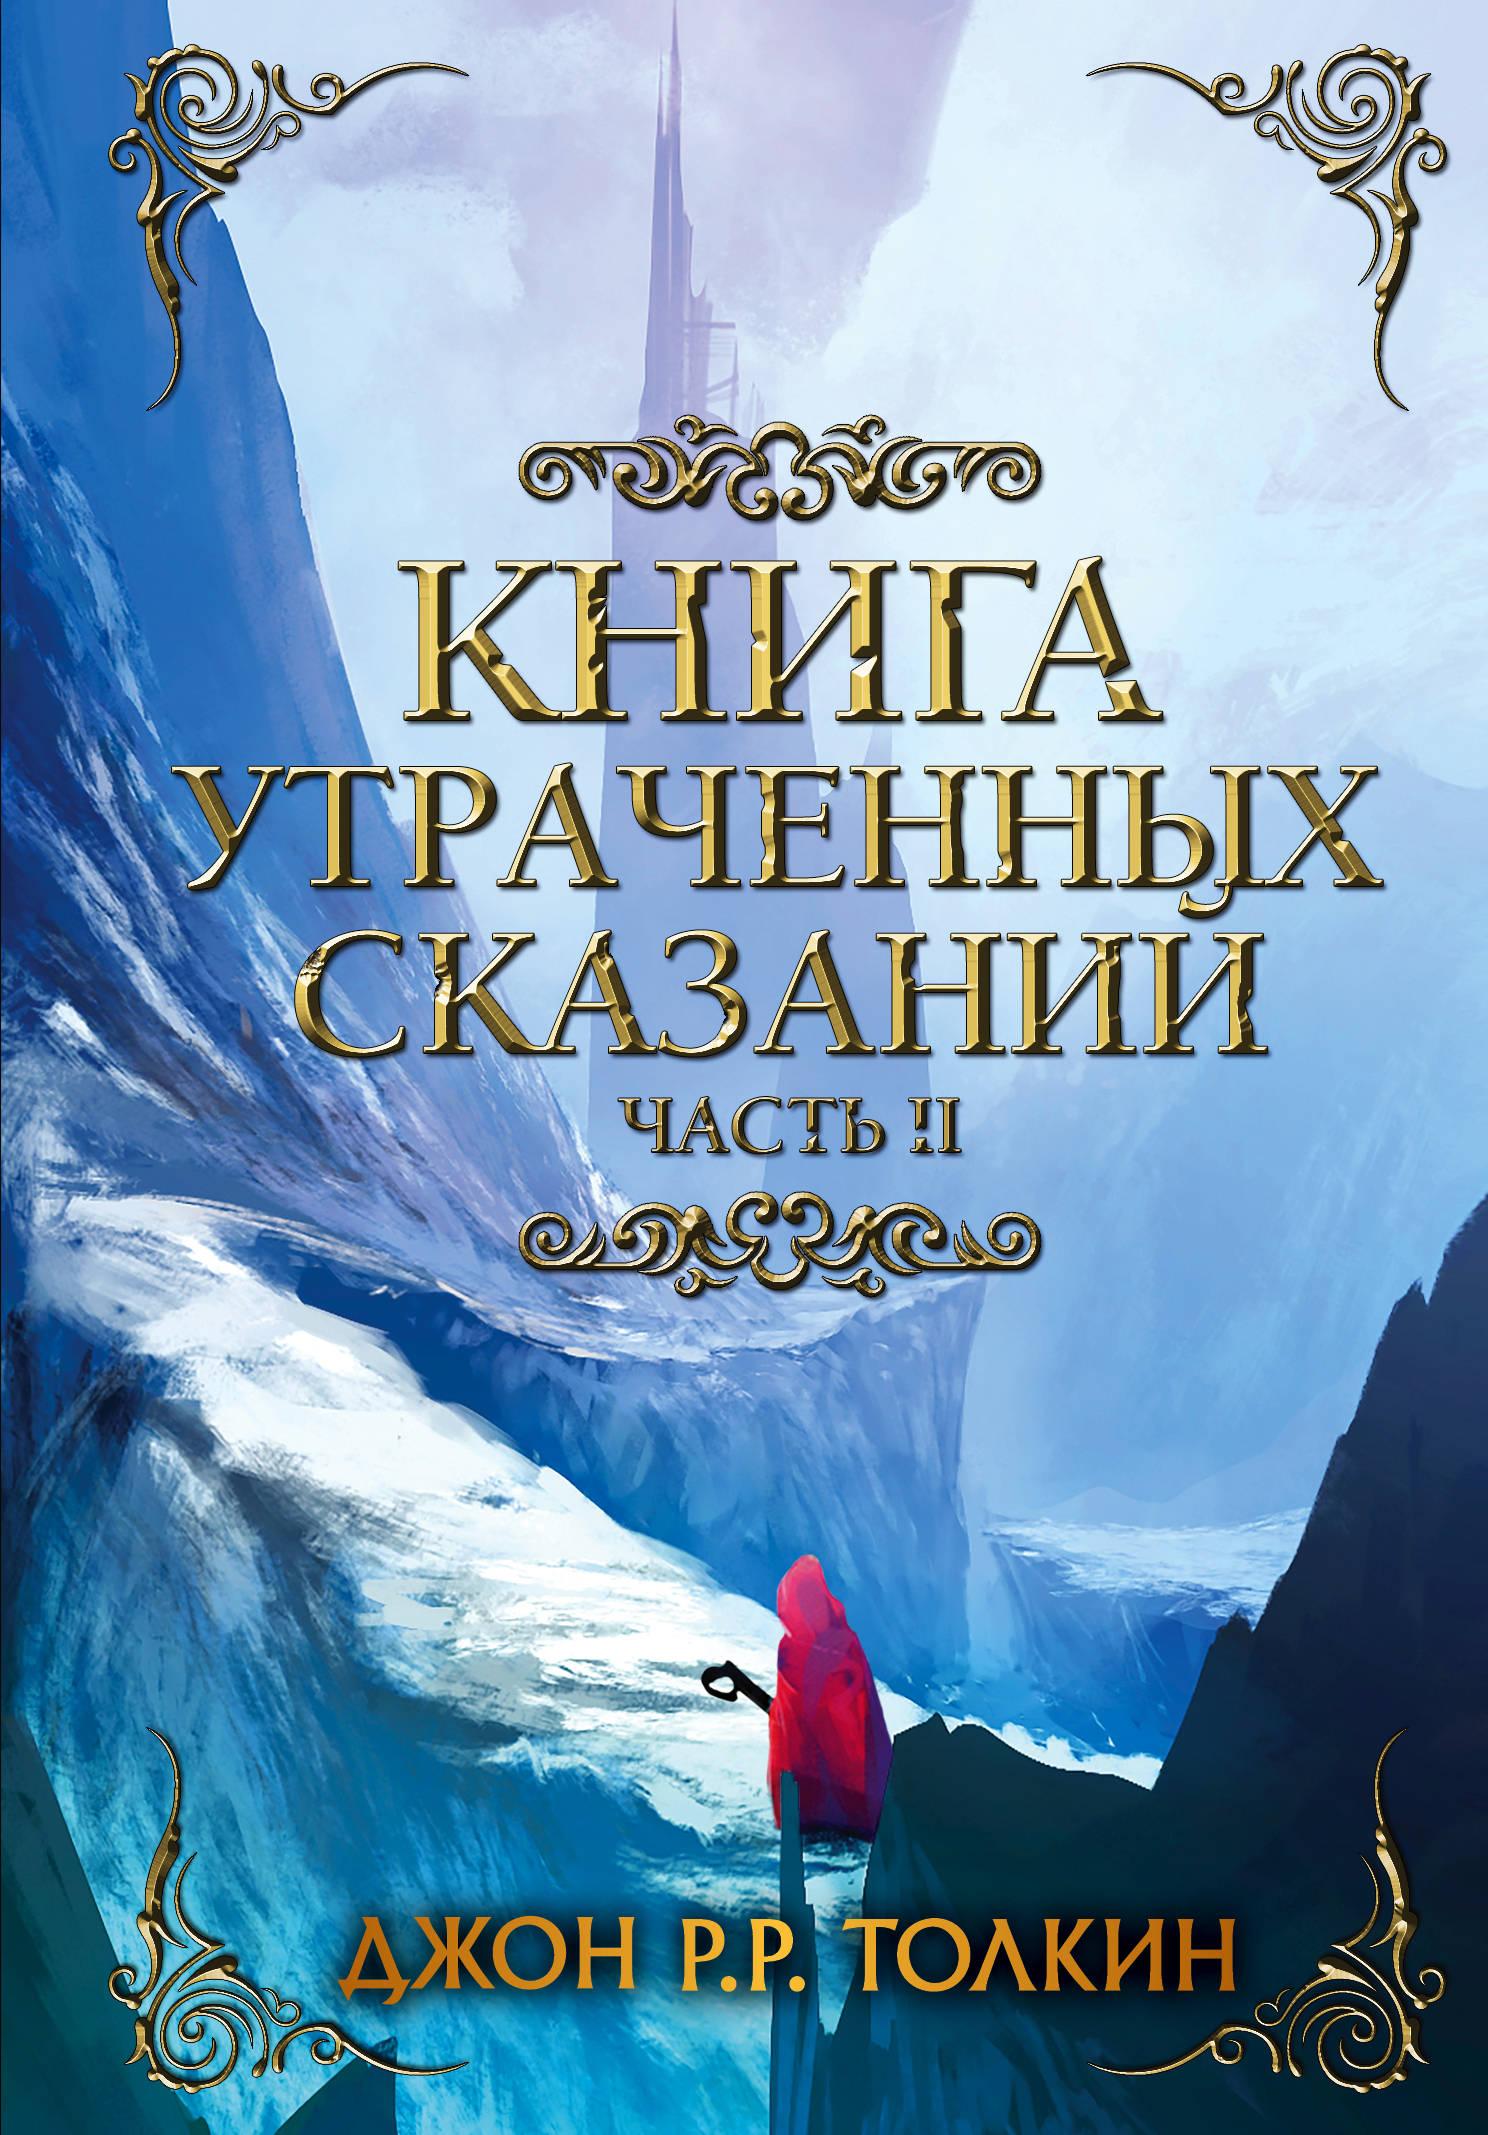 Джон Р. Р. Толкин Книга утраченных сказаний. Часть 2